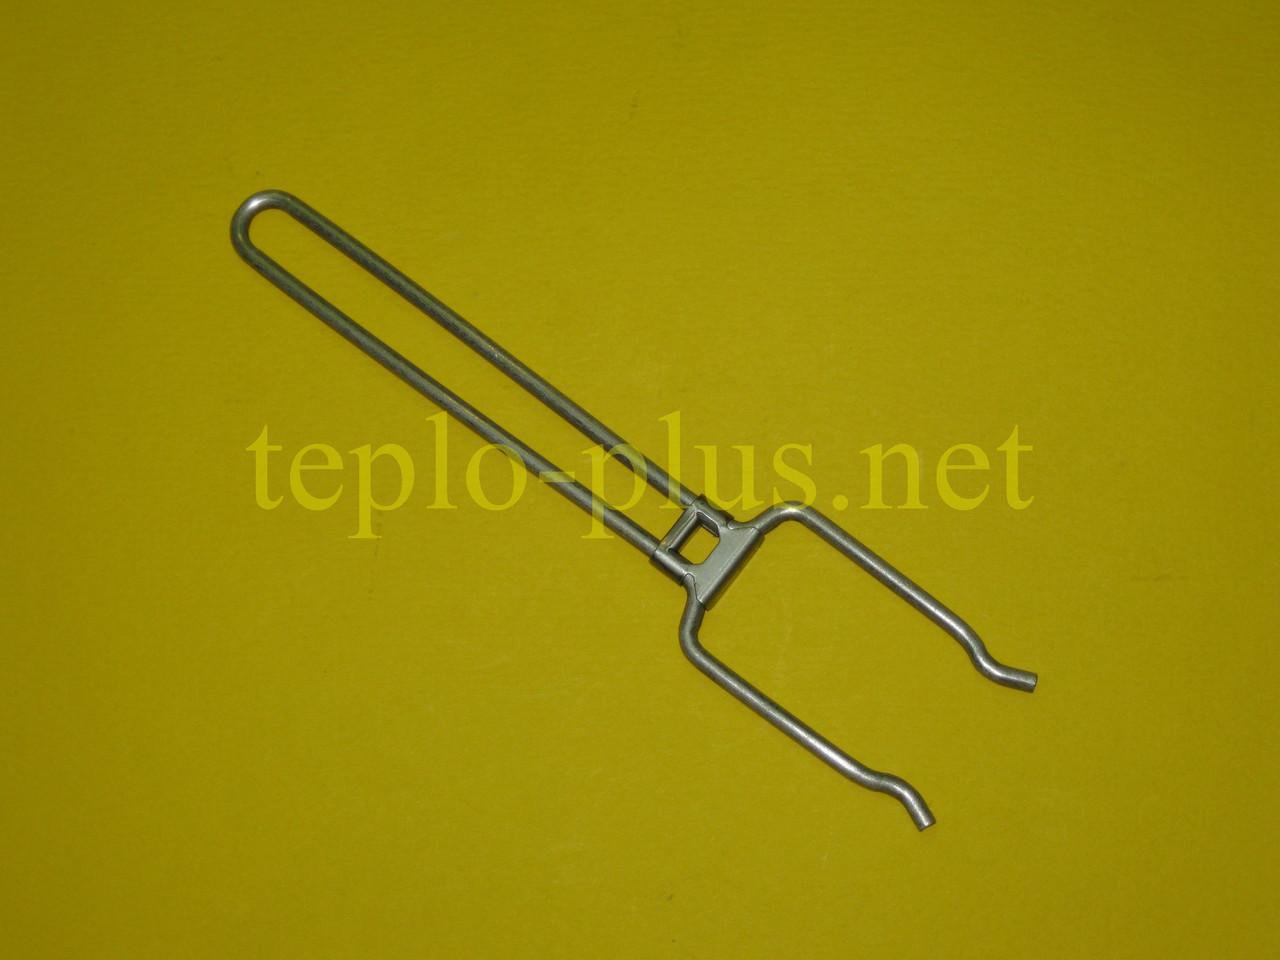 Зажимная скоба (клипса) насоса 178981 Vaillant atmoTEC Pro / Plus, turboTEC Pro / Plus, ecoTEC Pro / Plus, фото 2